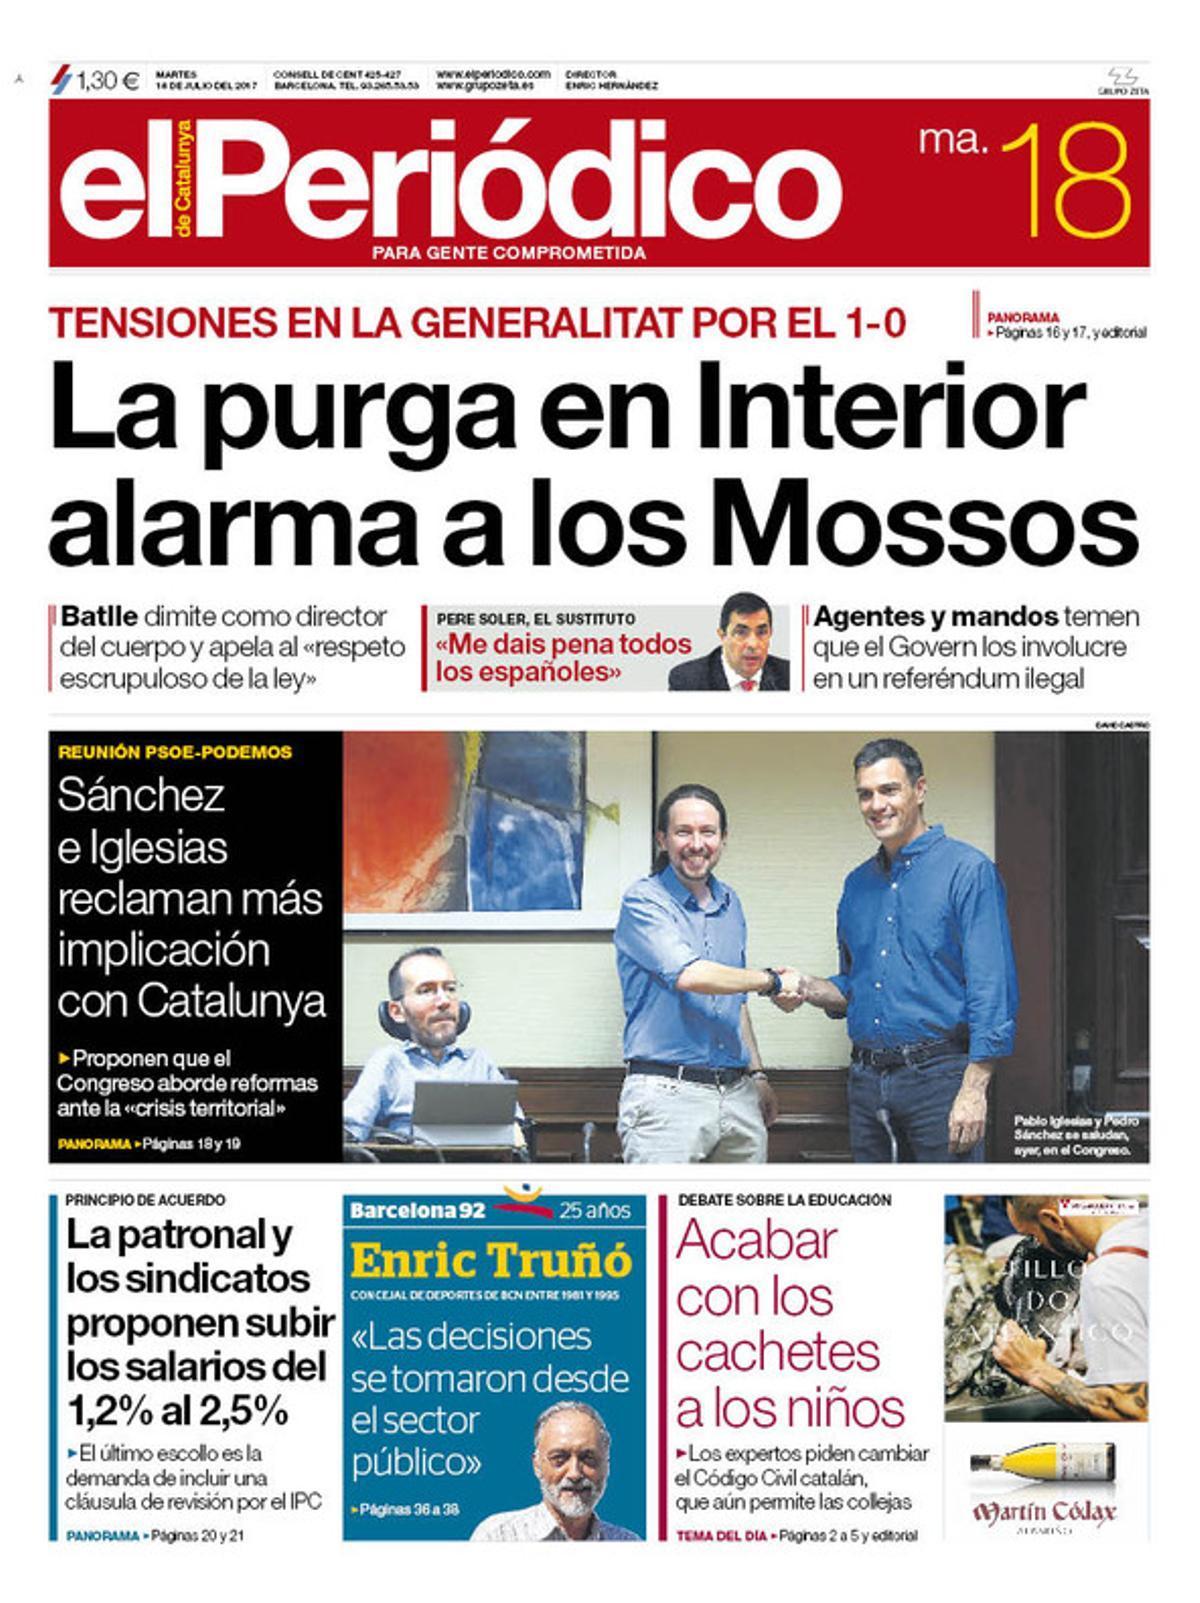 La portada de EL PERIÓDICO del martes, 18 de julio del 2017.